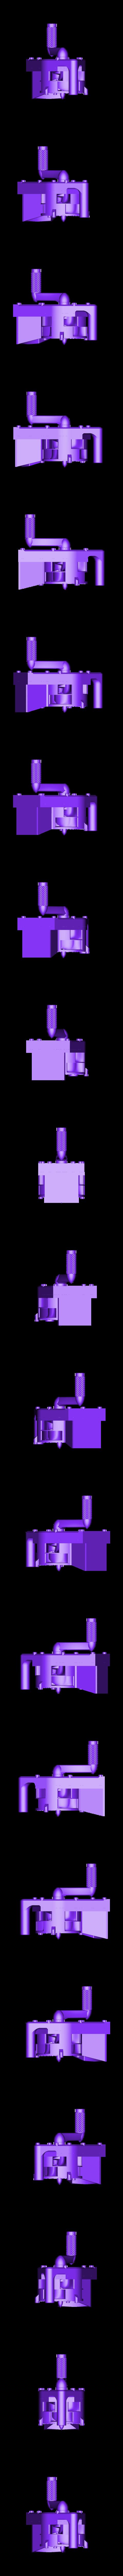 SirHa_Gesamt.stl Télécharger fichier STL gratuit Air Raid Siren - hand crank version • Plan imprimable en 3D, MlePh